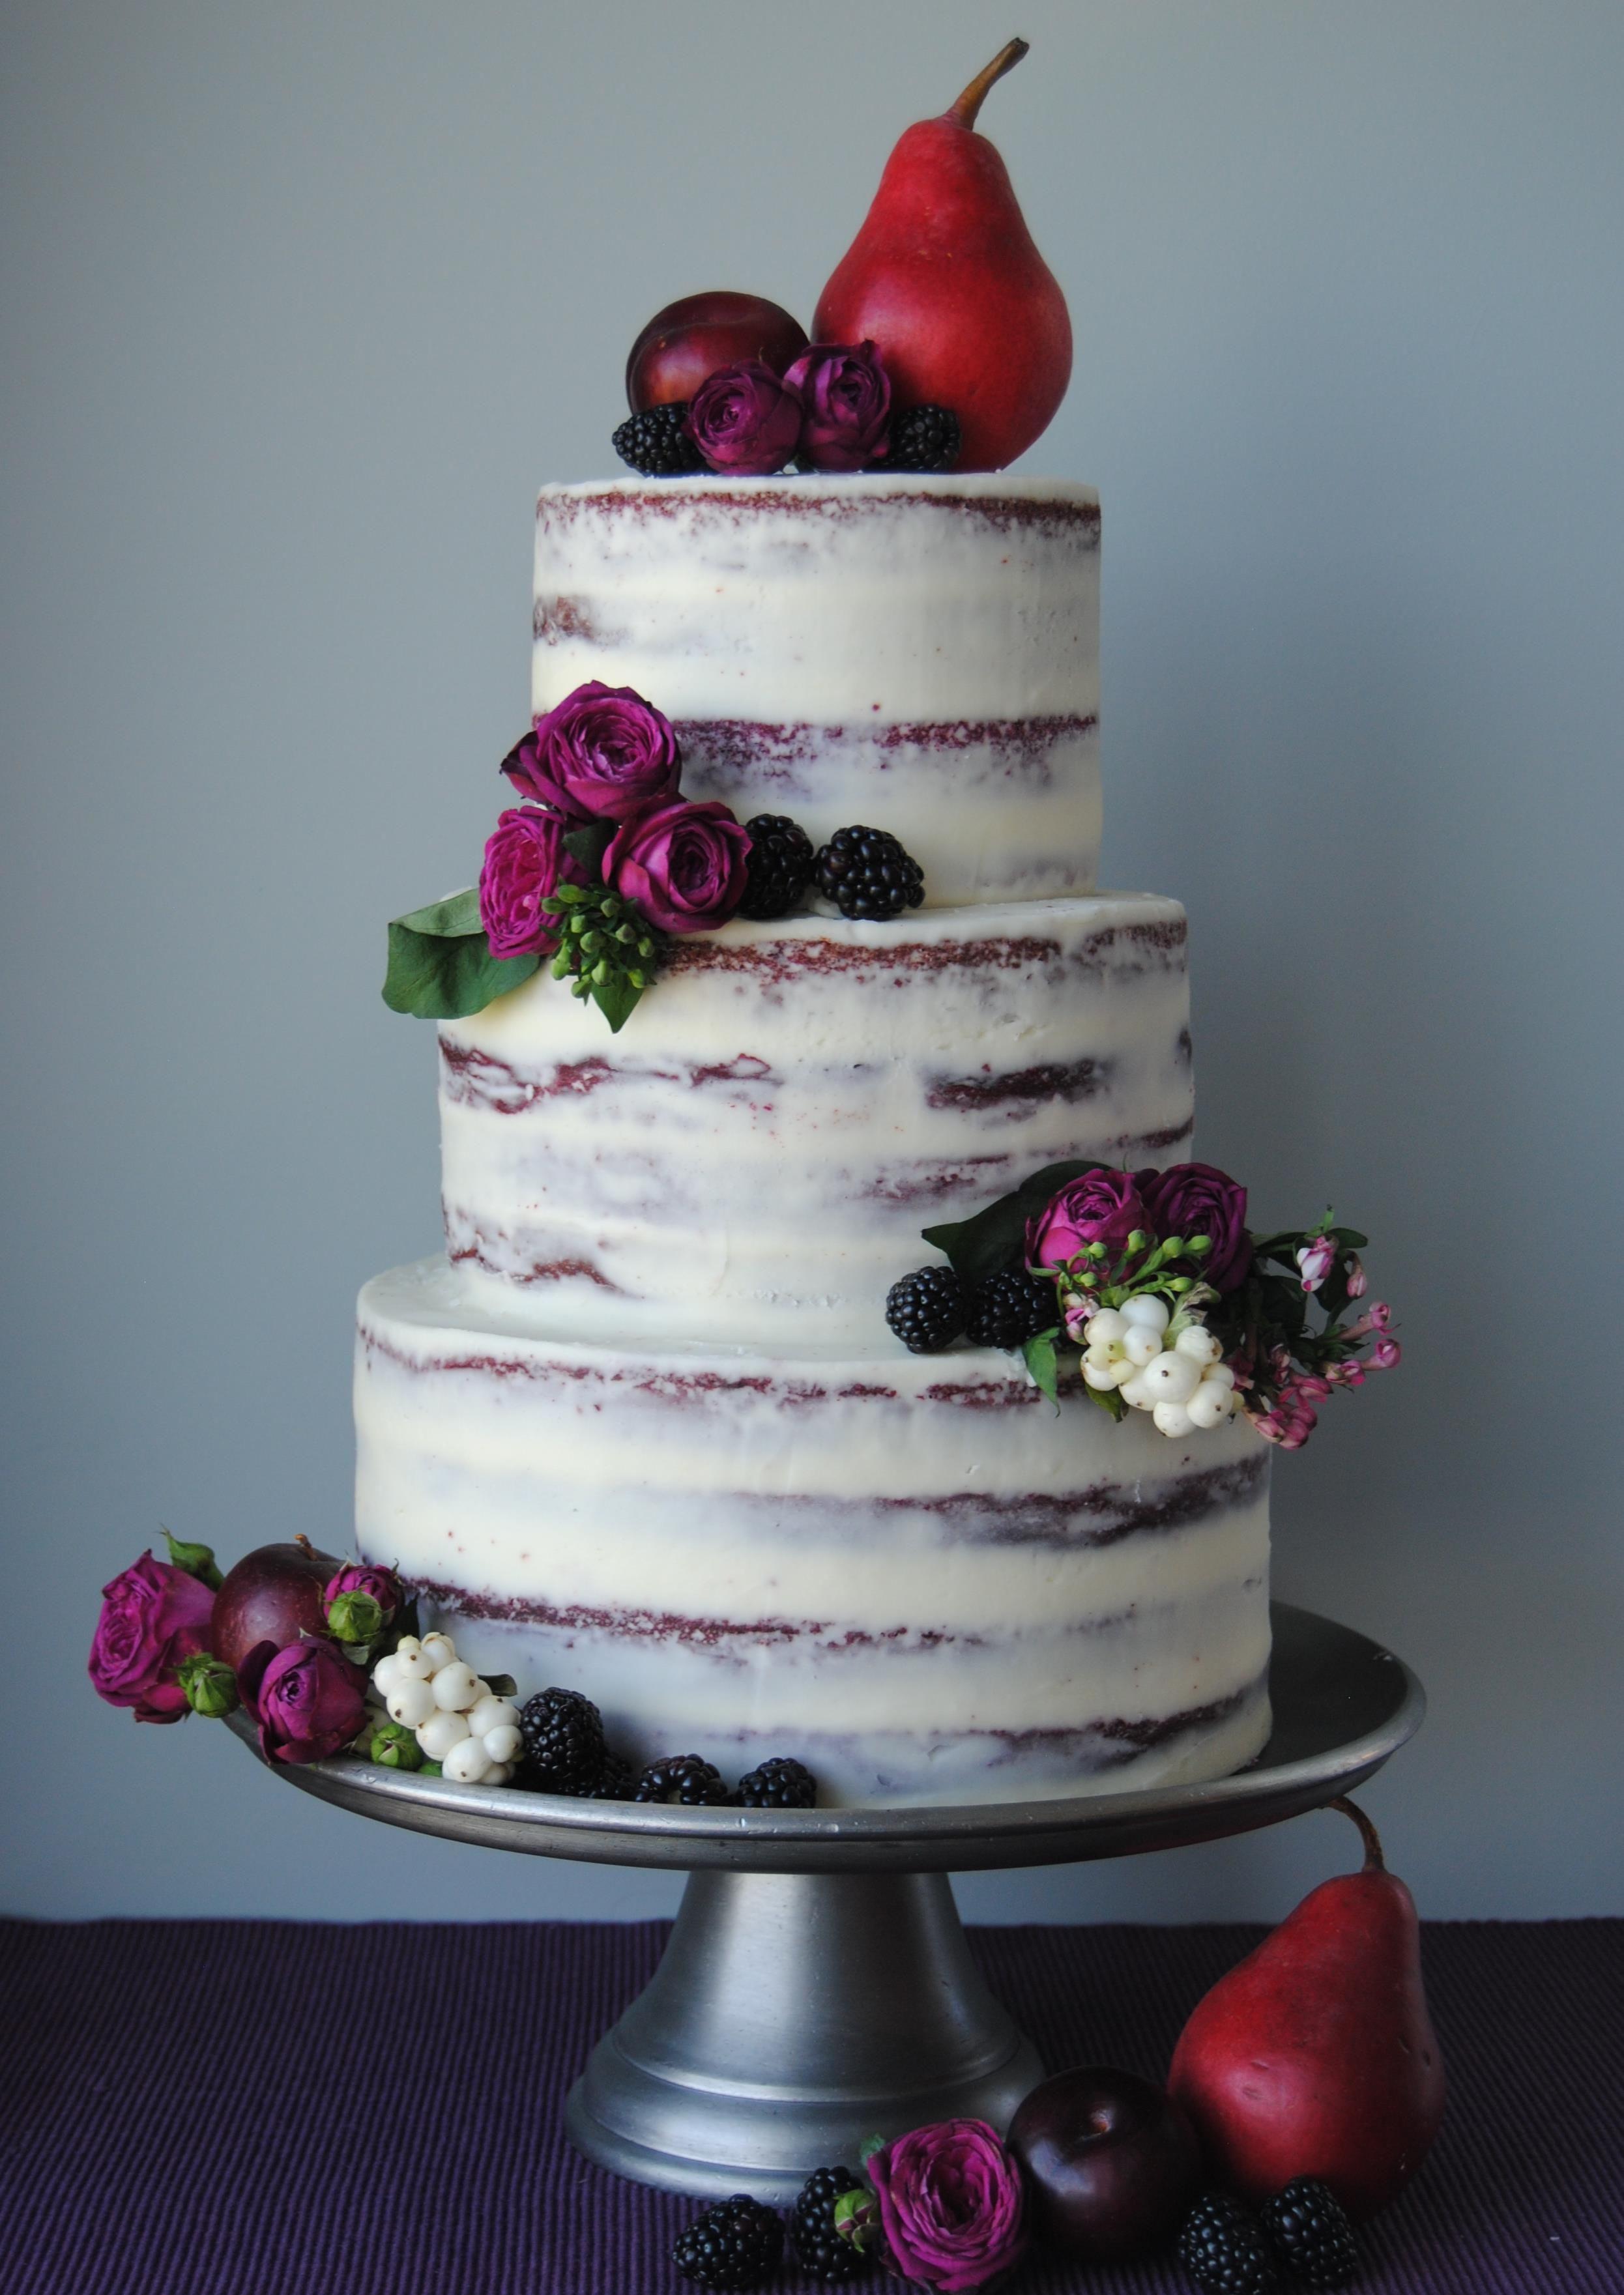 Red Velvet Wedding Cake  Semi red velvet wedding cake with cream cheese